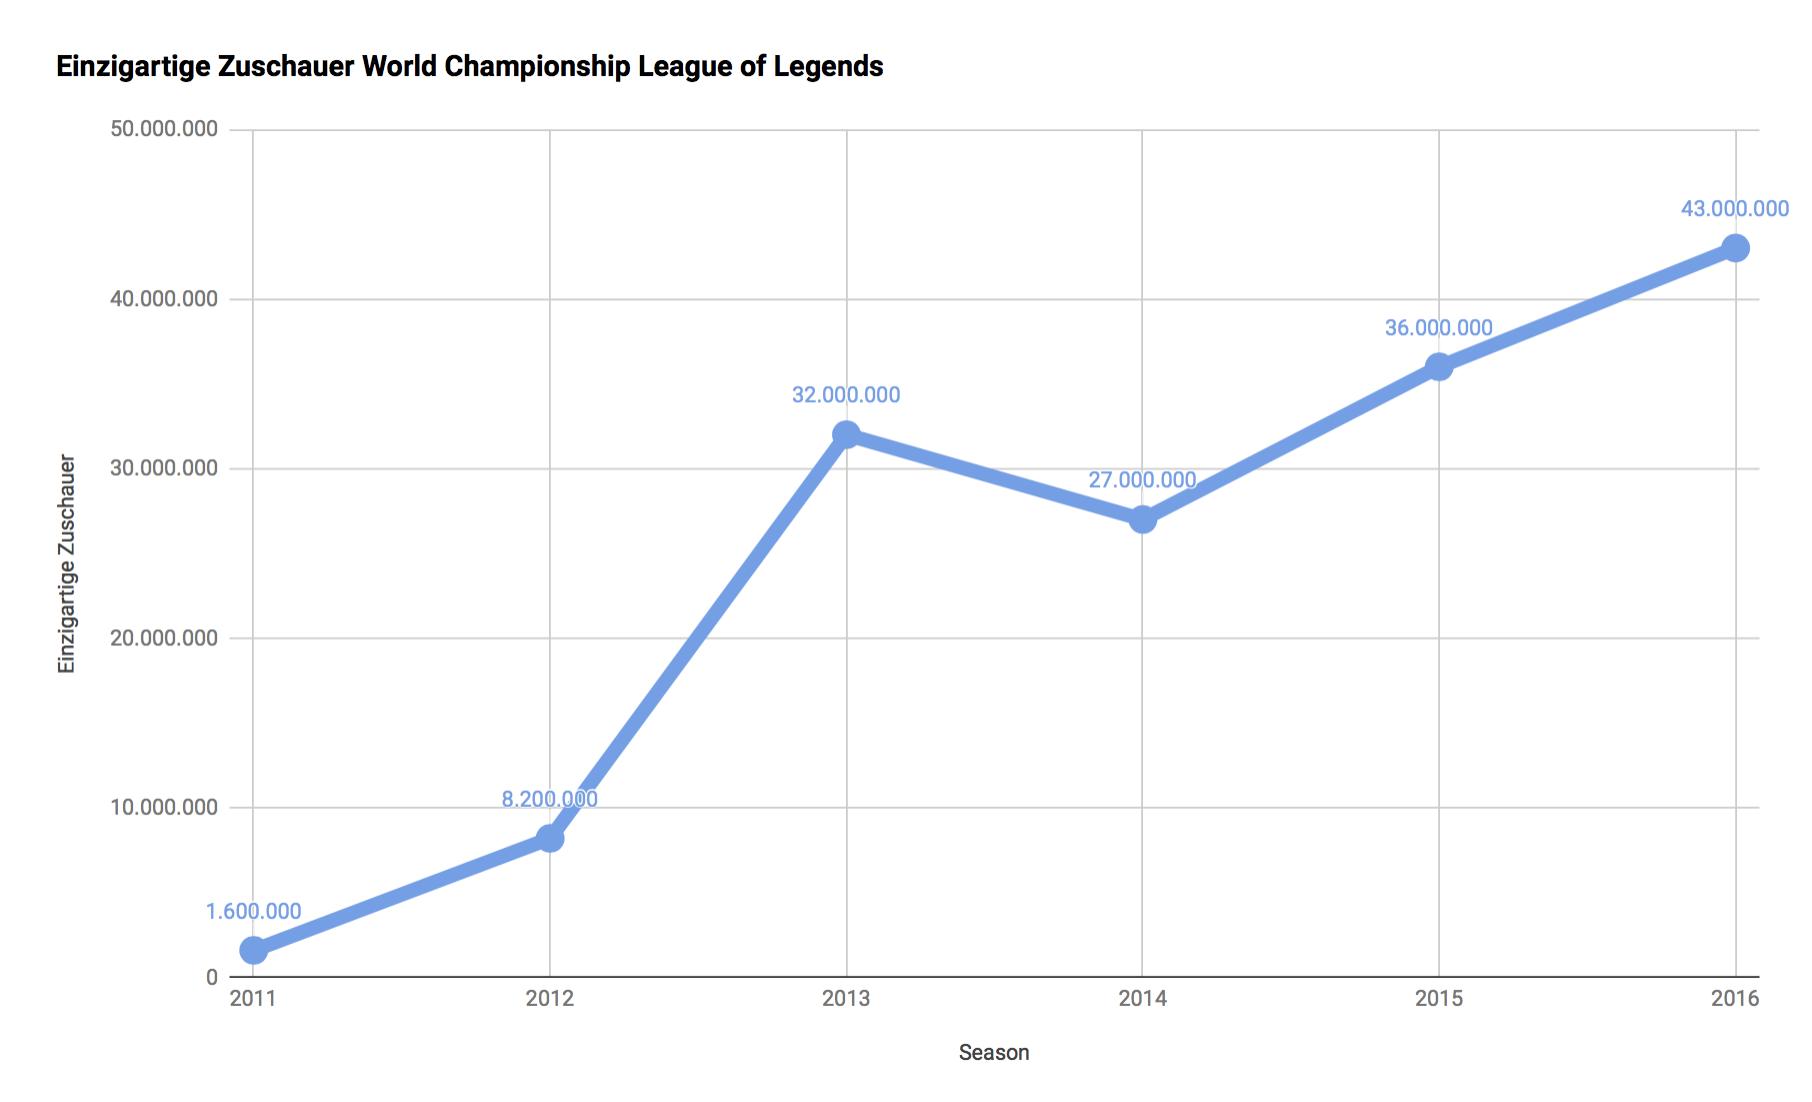 Statistik über die jährlichen Zuschauerzahlen bei den World Championship im Spiel League of Legends